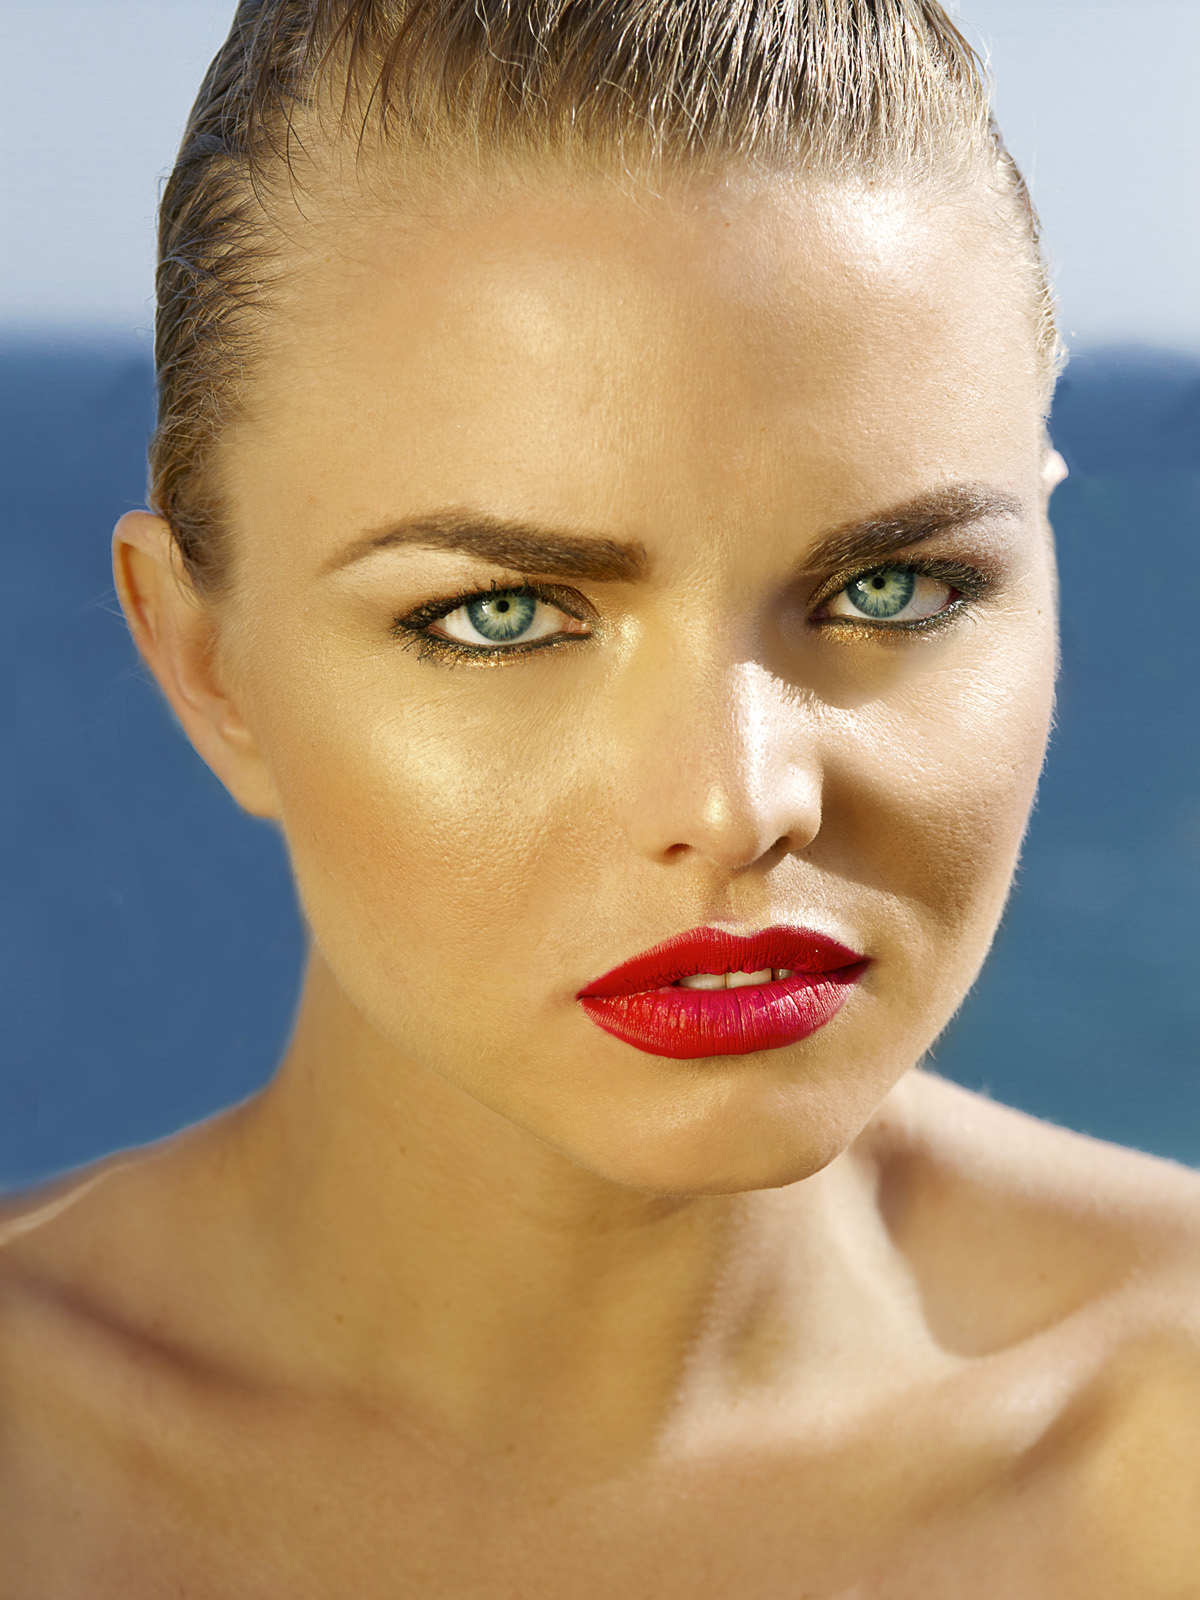 Blonde model, at ocean